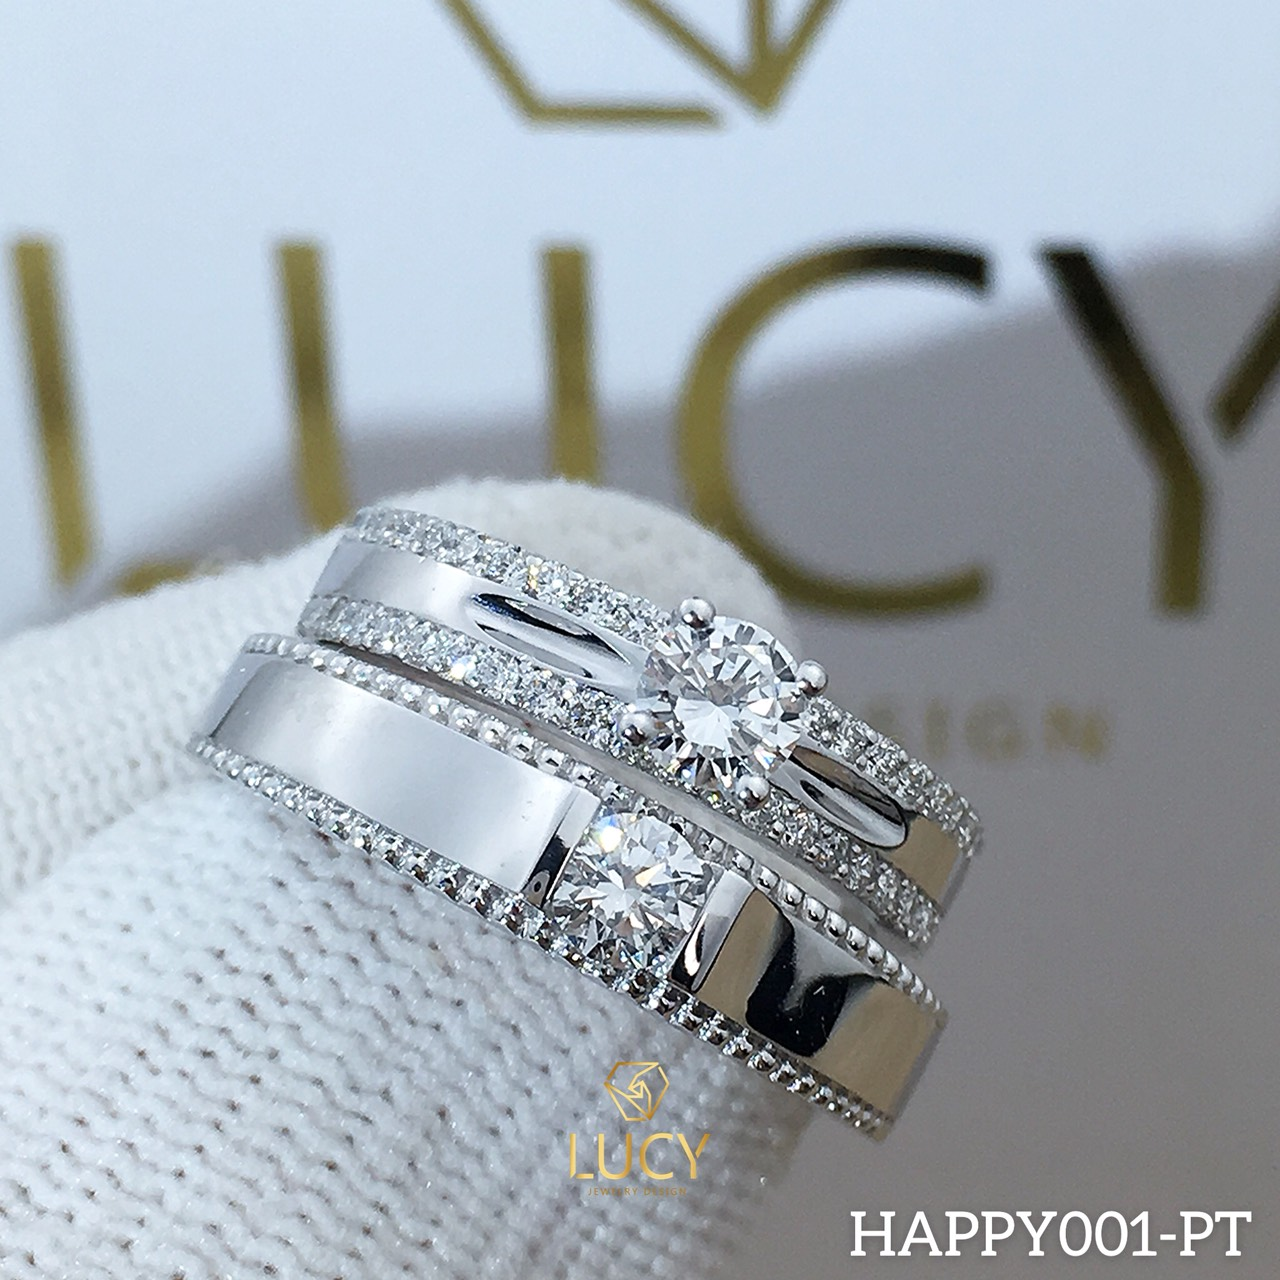 HAPPY001_PT Nhẫn cưới bạch kim cao cấp Platinum 90% PT900 đính kim cương tự nhiên - Lucy Jewelry